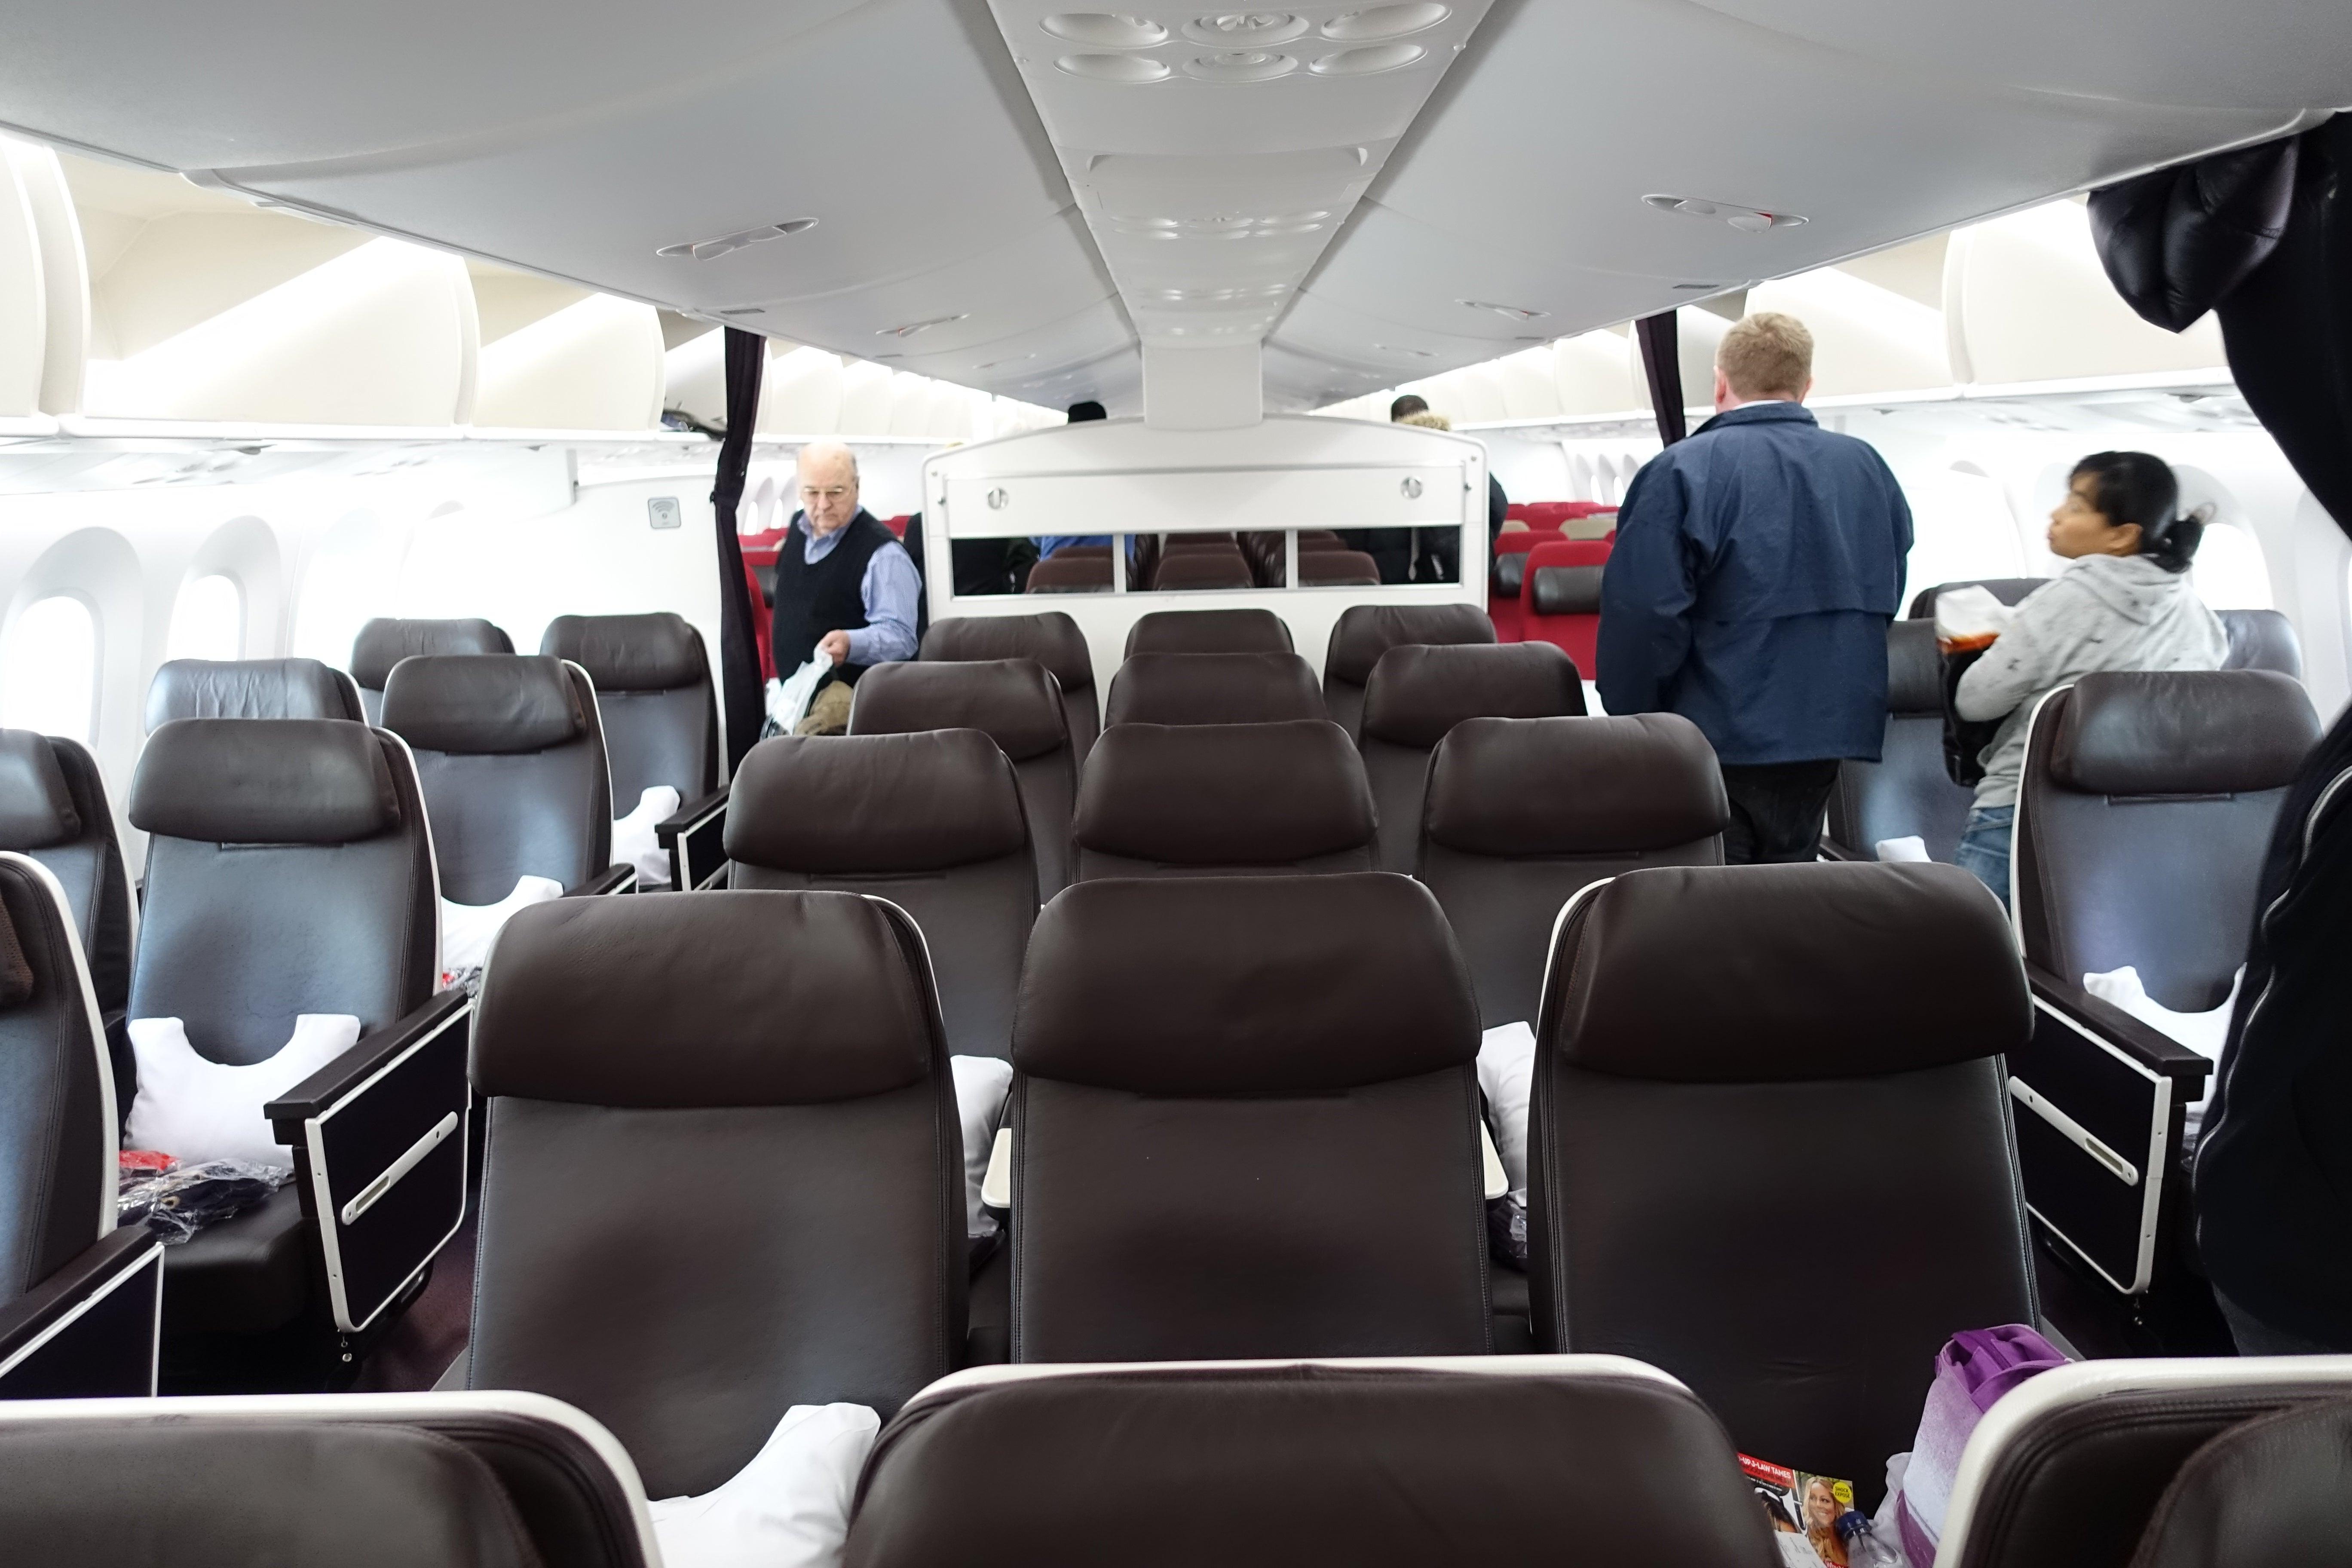 virgin atlantic 787 economy review